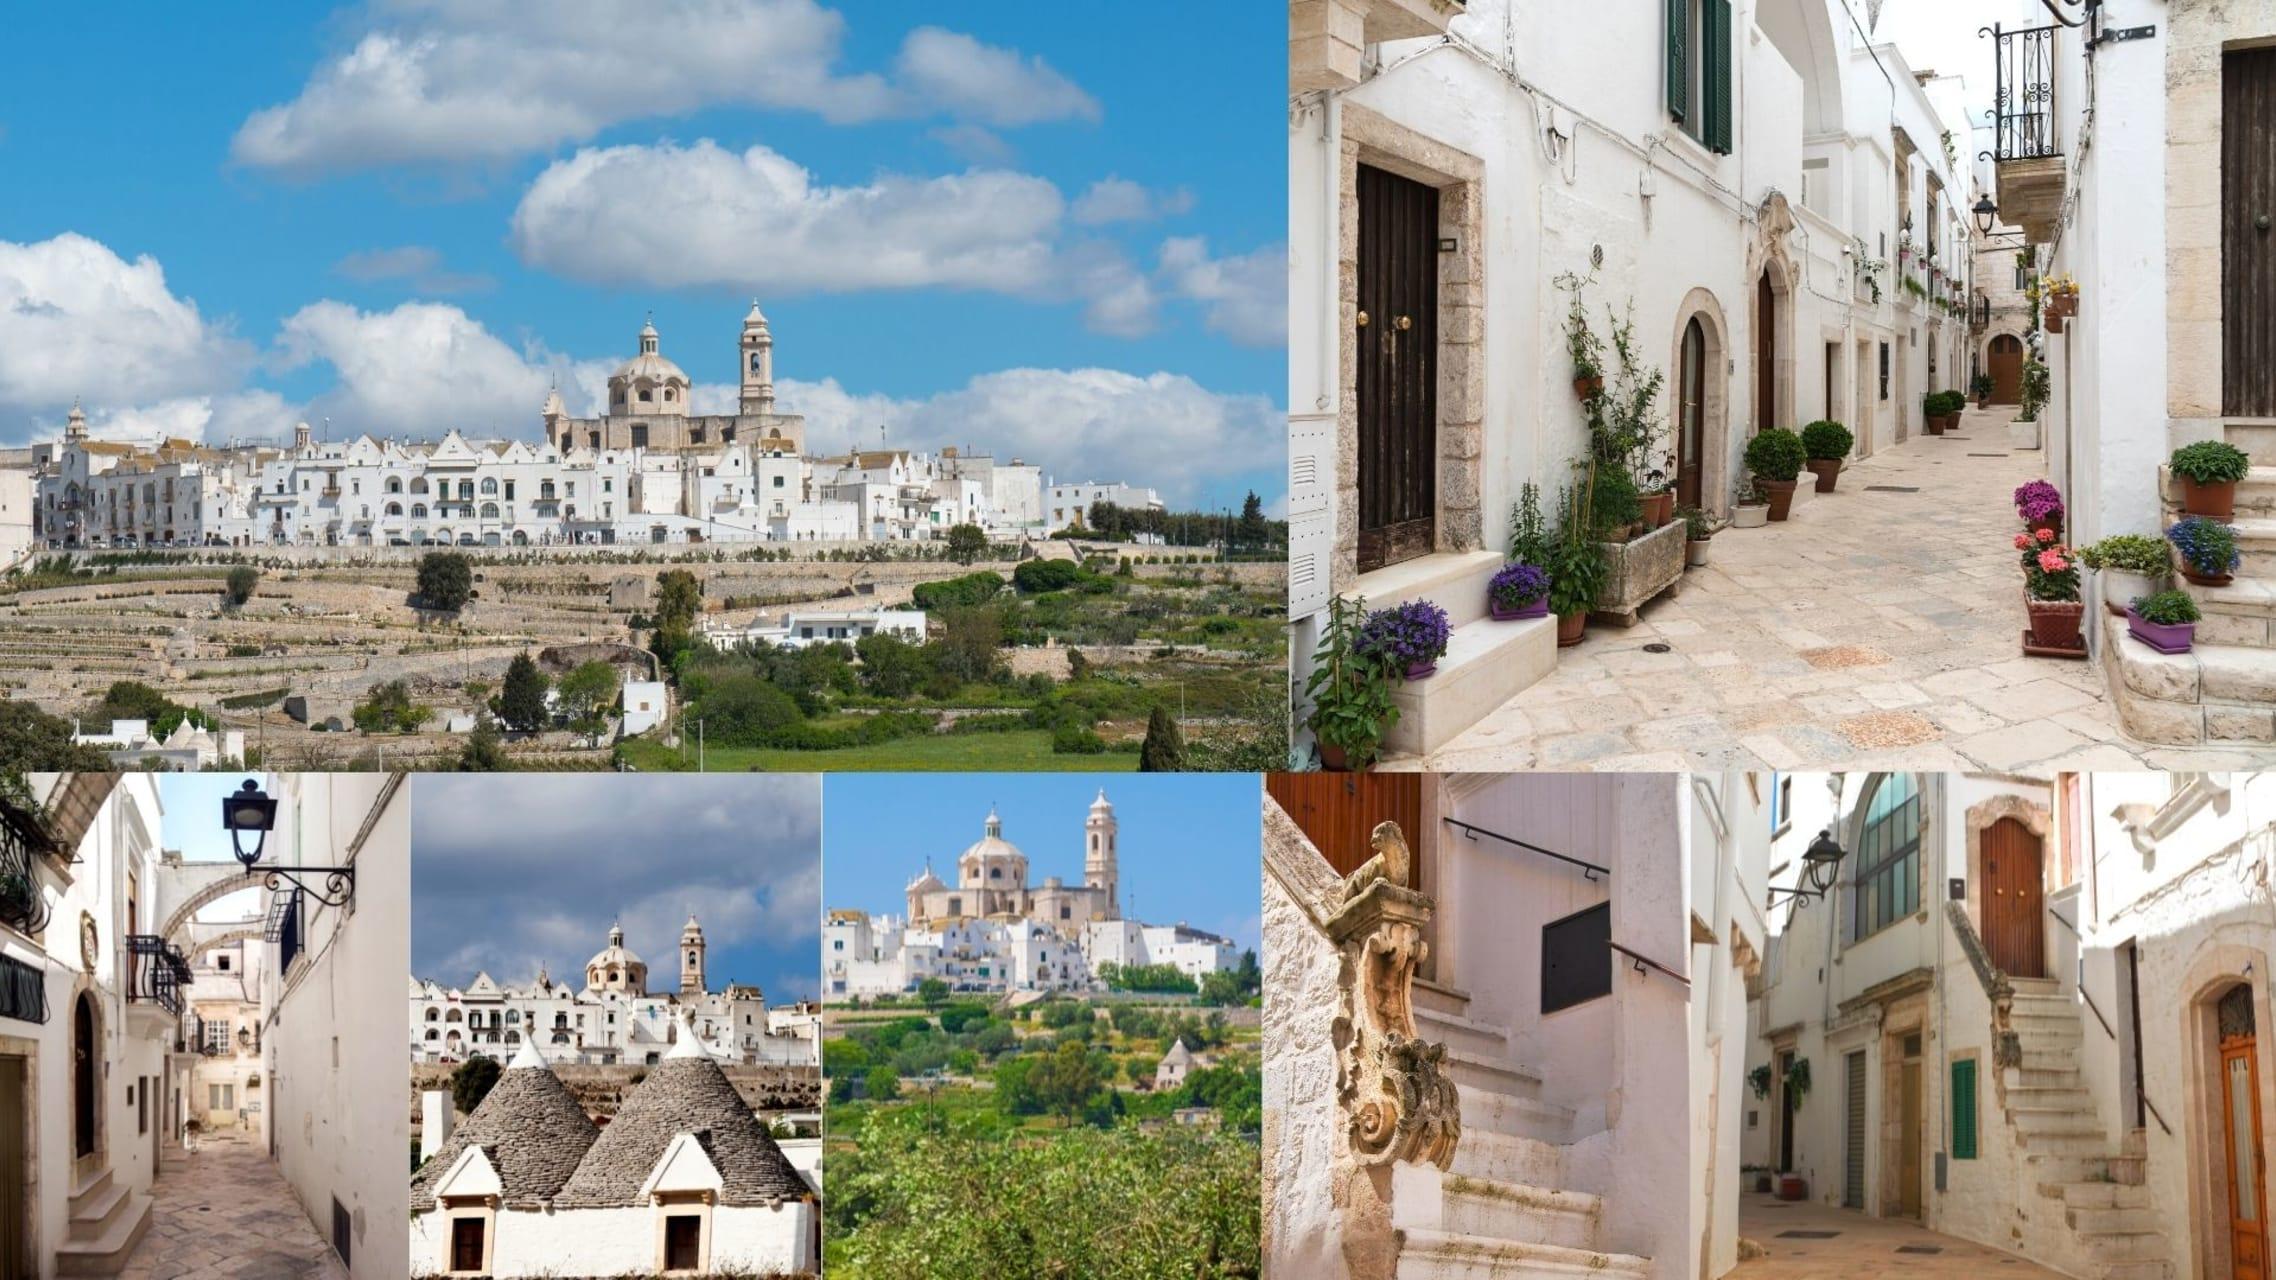 Puglia - Locorotondo: The Southern Italian, beautiful hilltop village